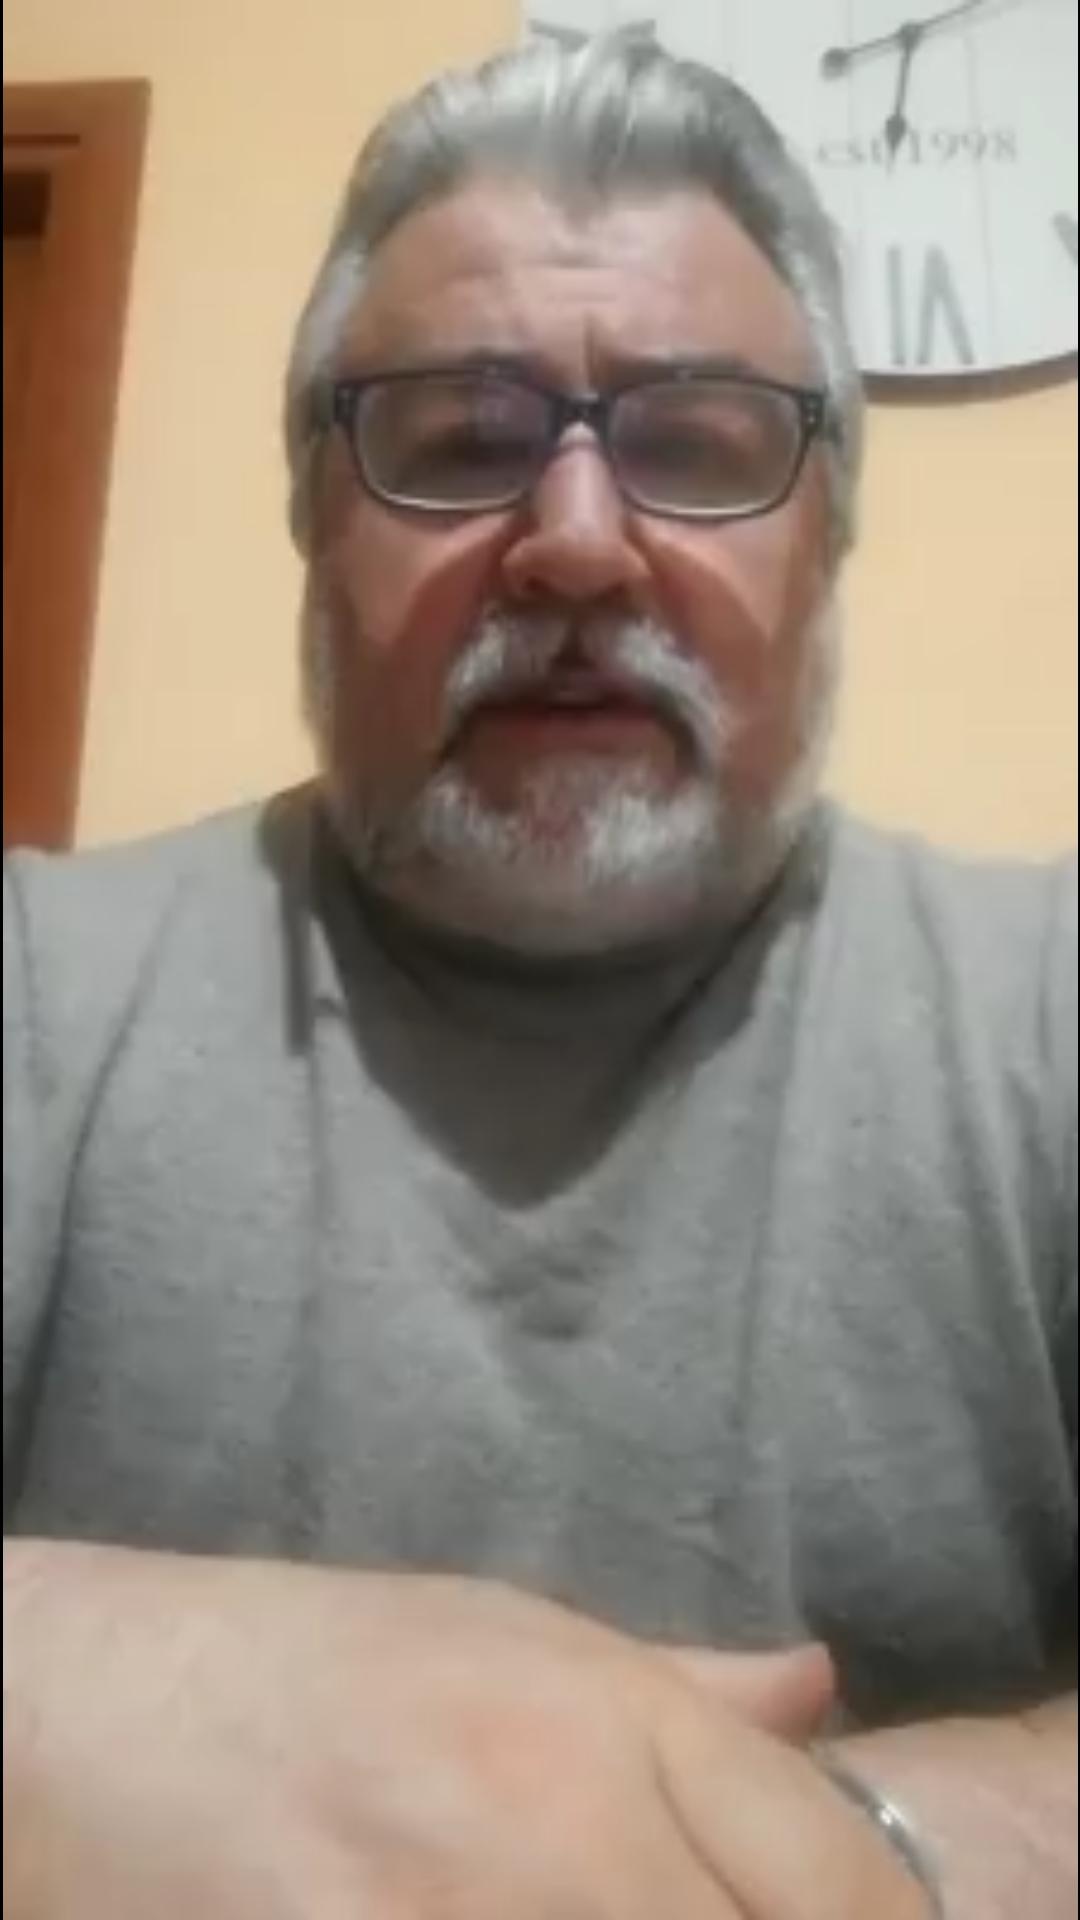 """Viterbo, Coronavirus: """"Contattate subito l""""Asl"""", il sindaco di  Capodimonte De Rossi invita alla immediata azione i concittadini che sono stati a contatto con il """"positivo al Covid 19"""""""